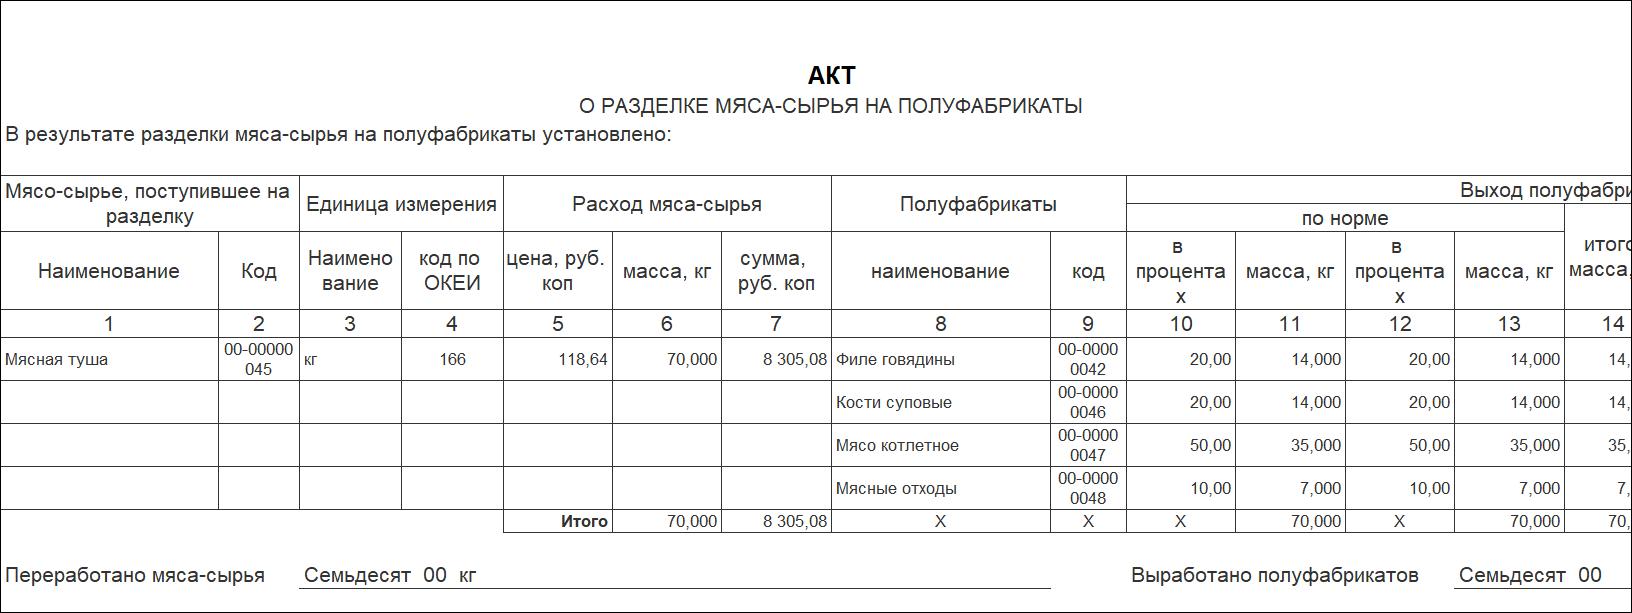 1С ДНР, 1С Донецк, Акт о разделе мяса-сырья на полуфабрикаты